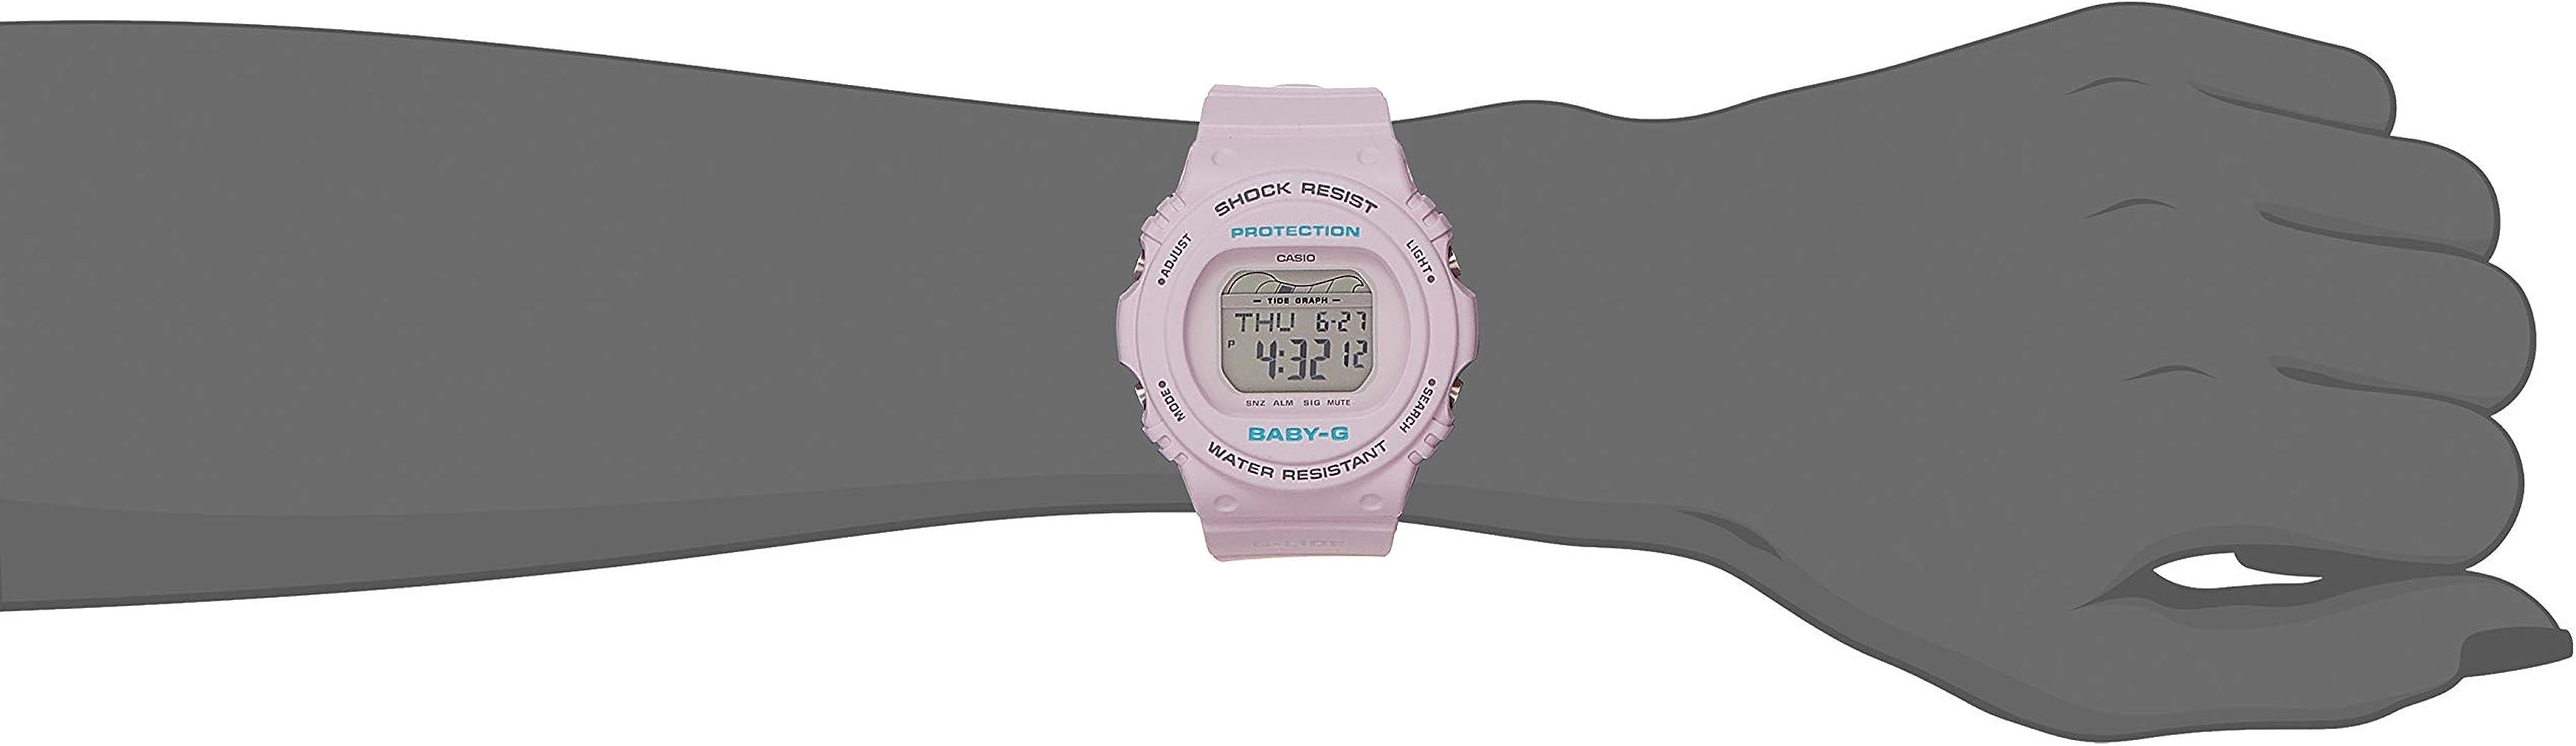 Moda Casio Baby g BLX 570 4 Reloj Digital Resistente Al Agua